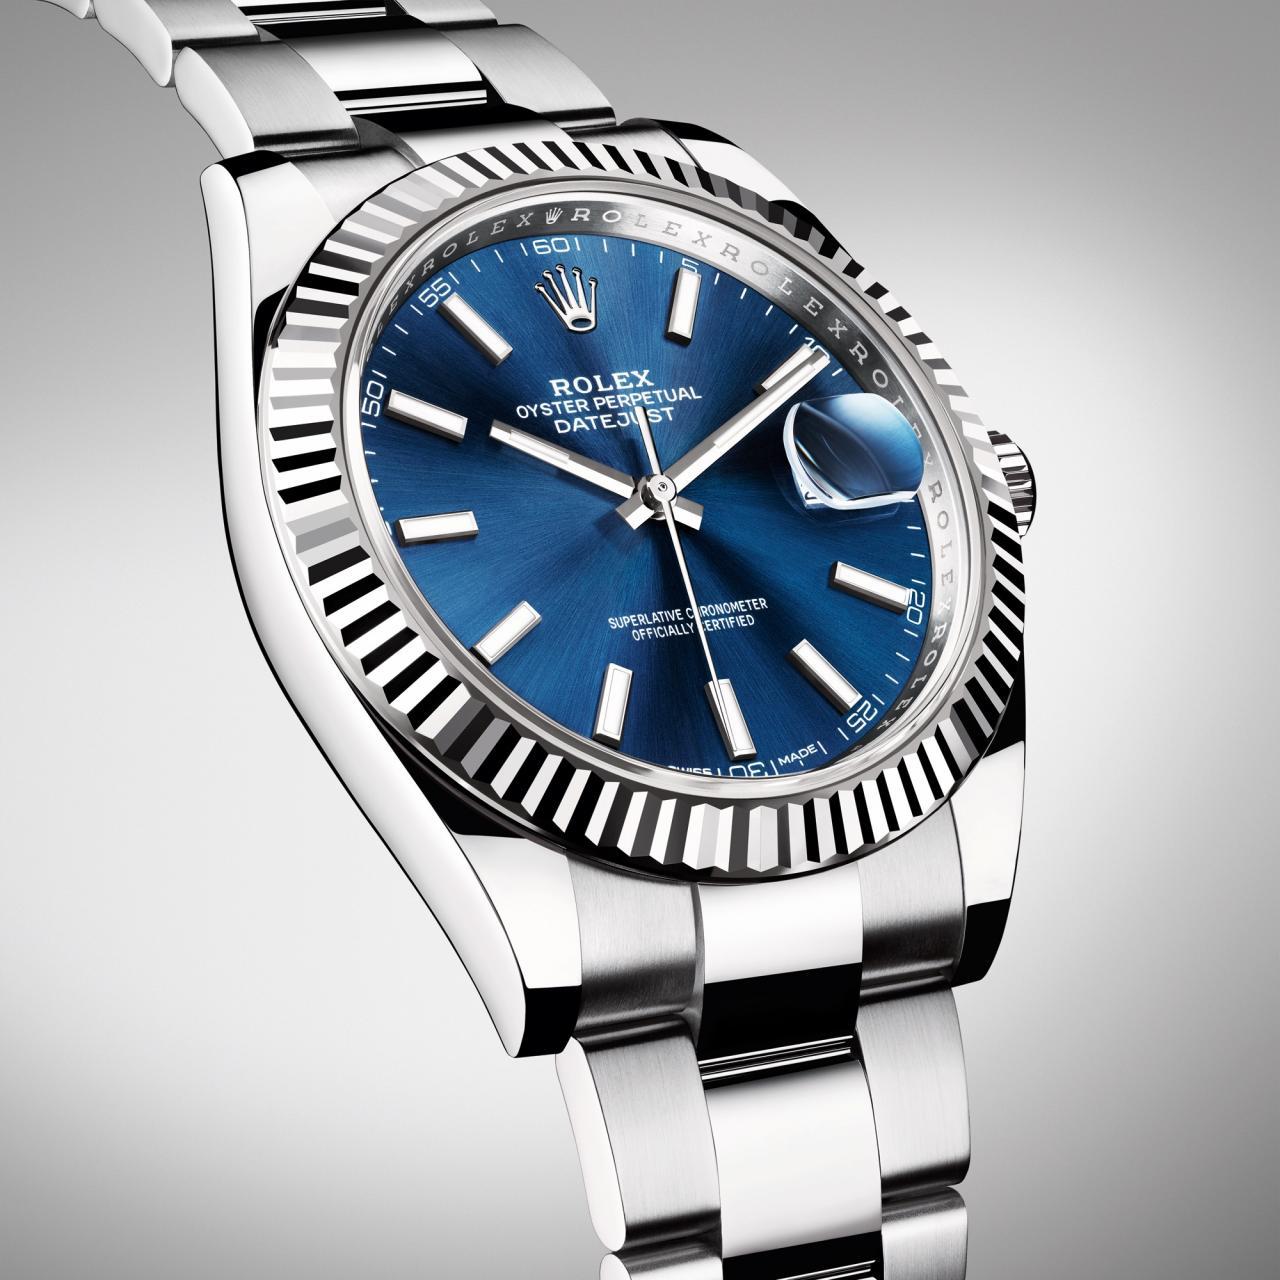 Rolex Datejust 41 blue dial replica